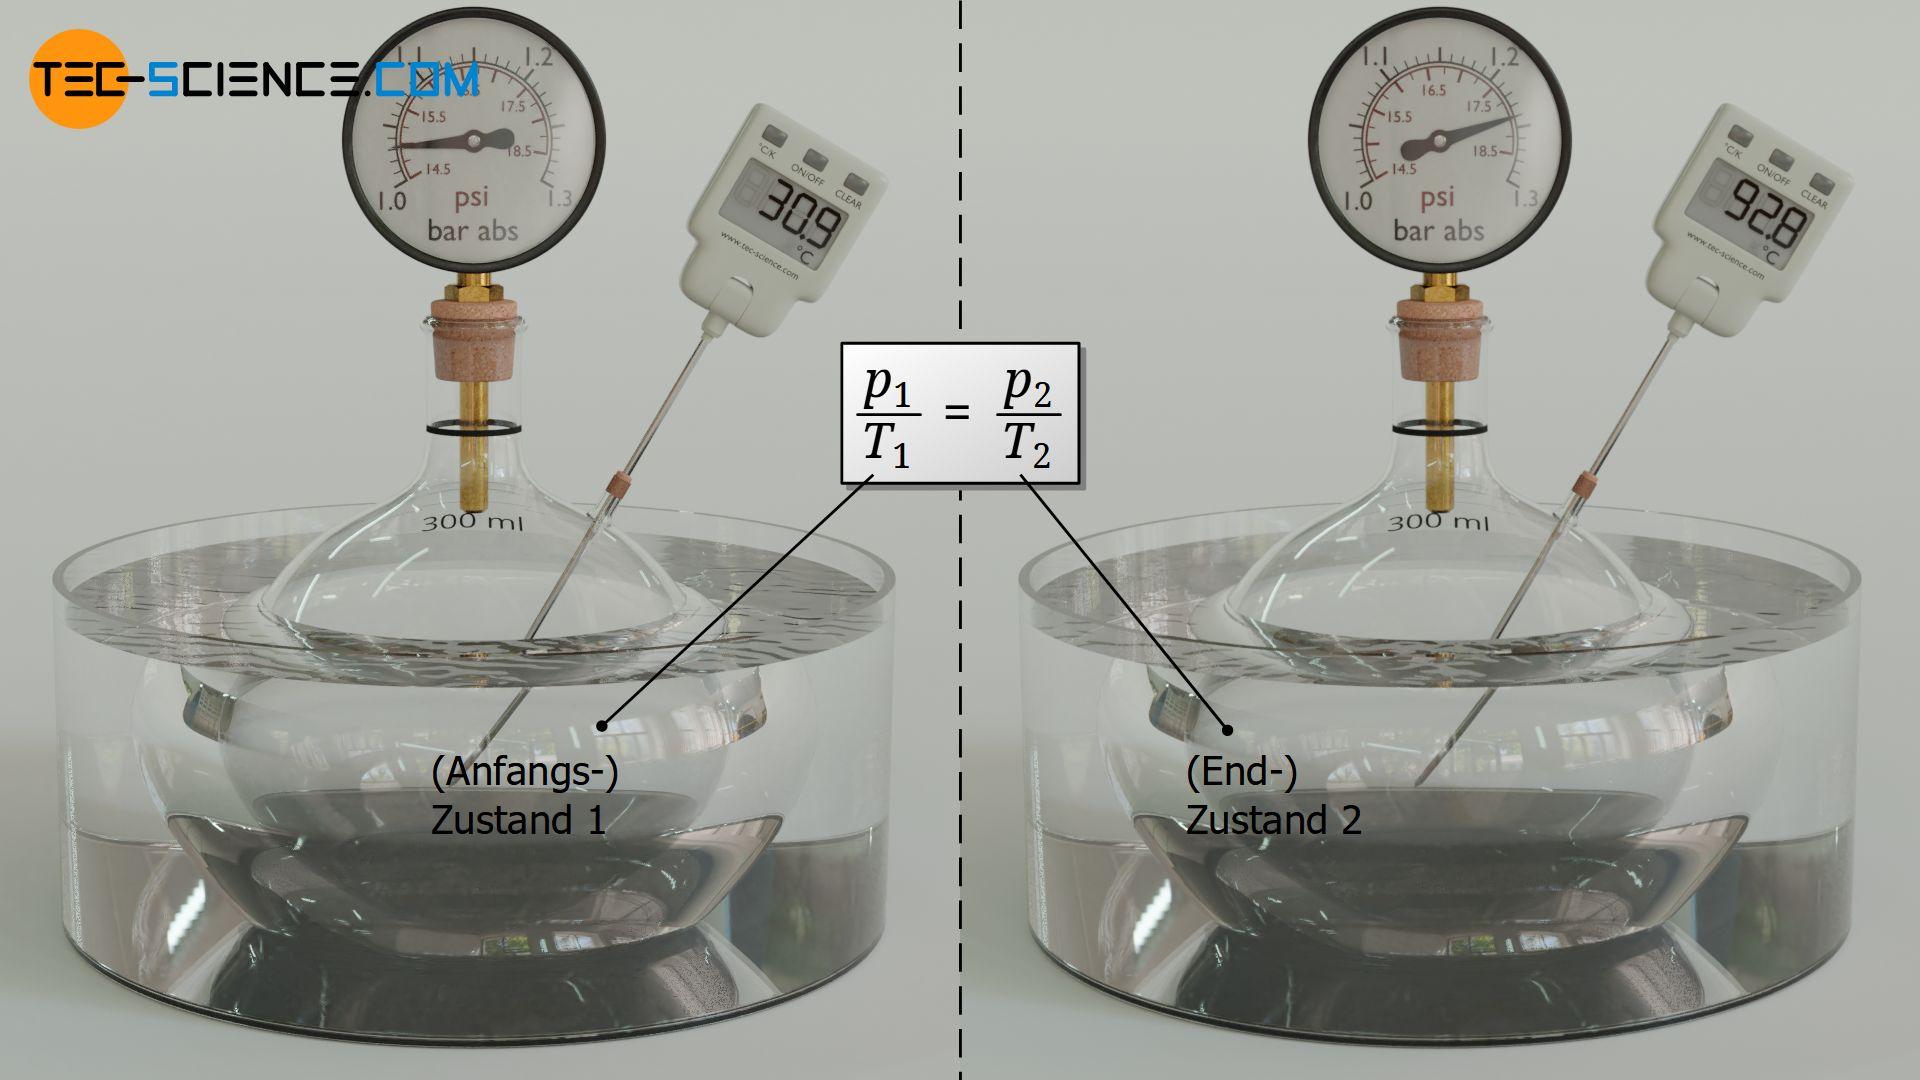 Verknüpfung zweier Zustände bei einem isochoren Prozess